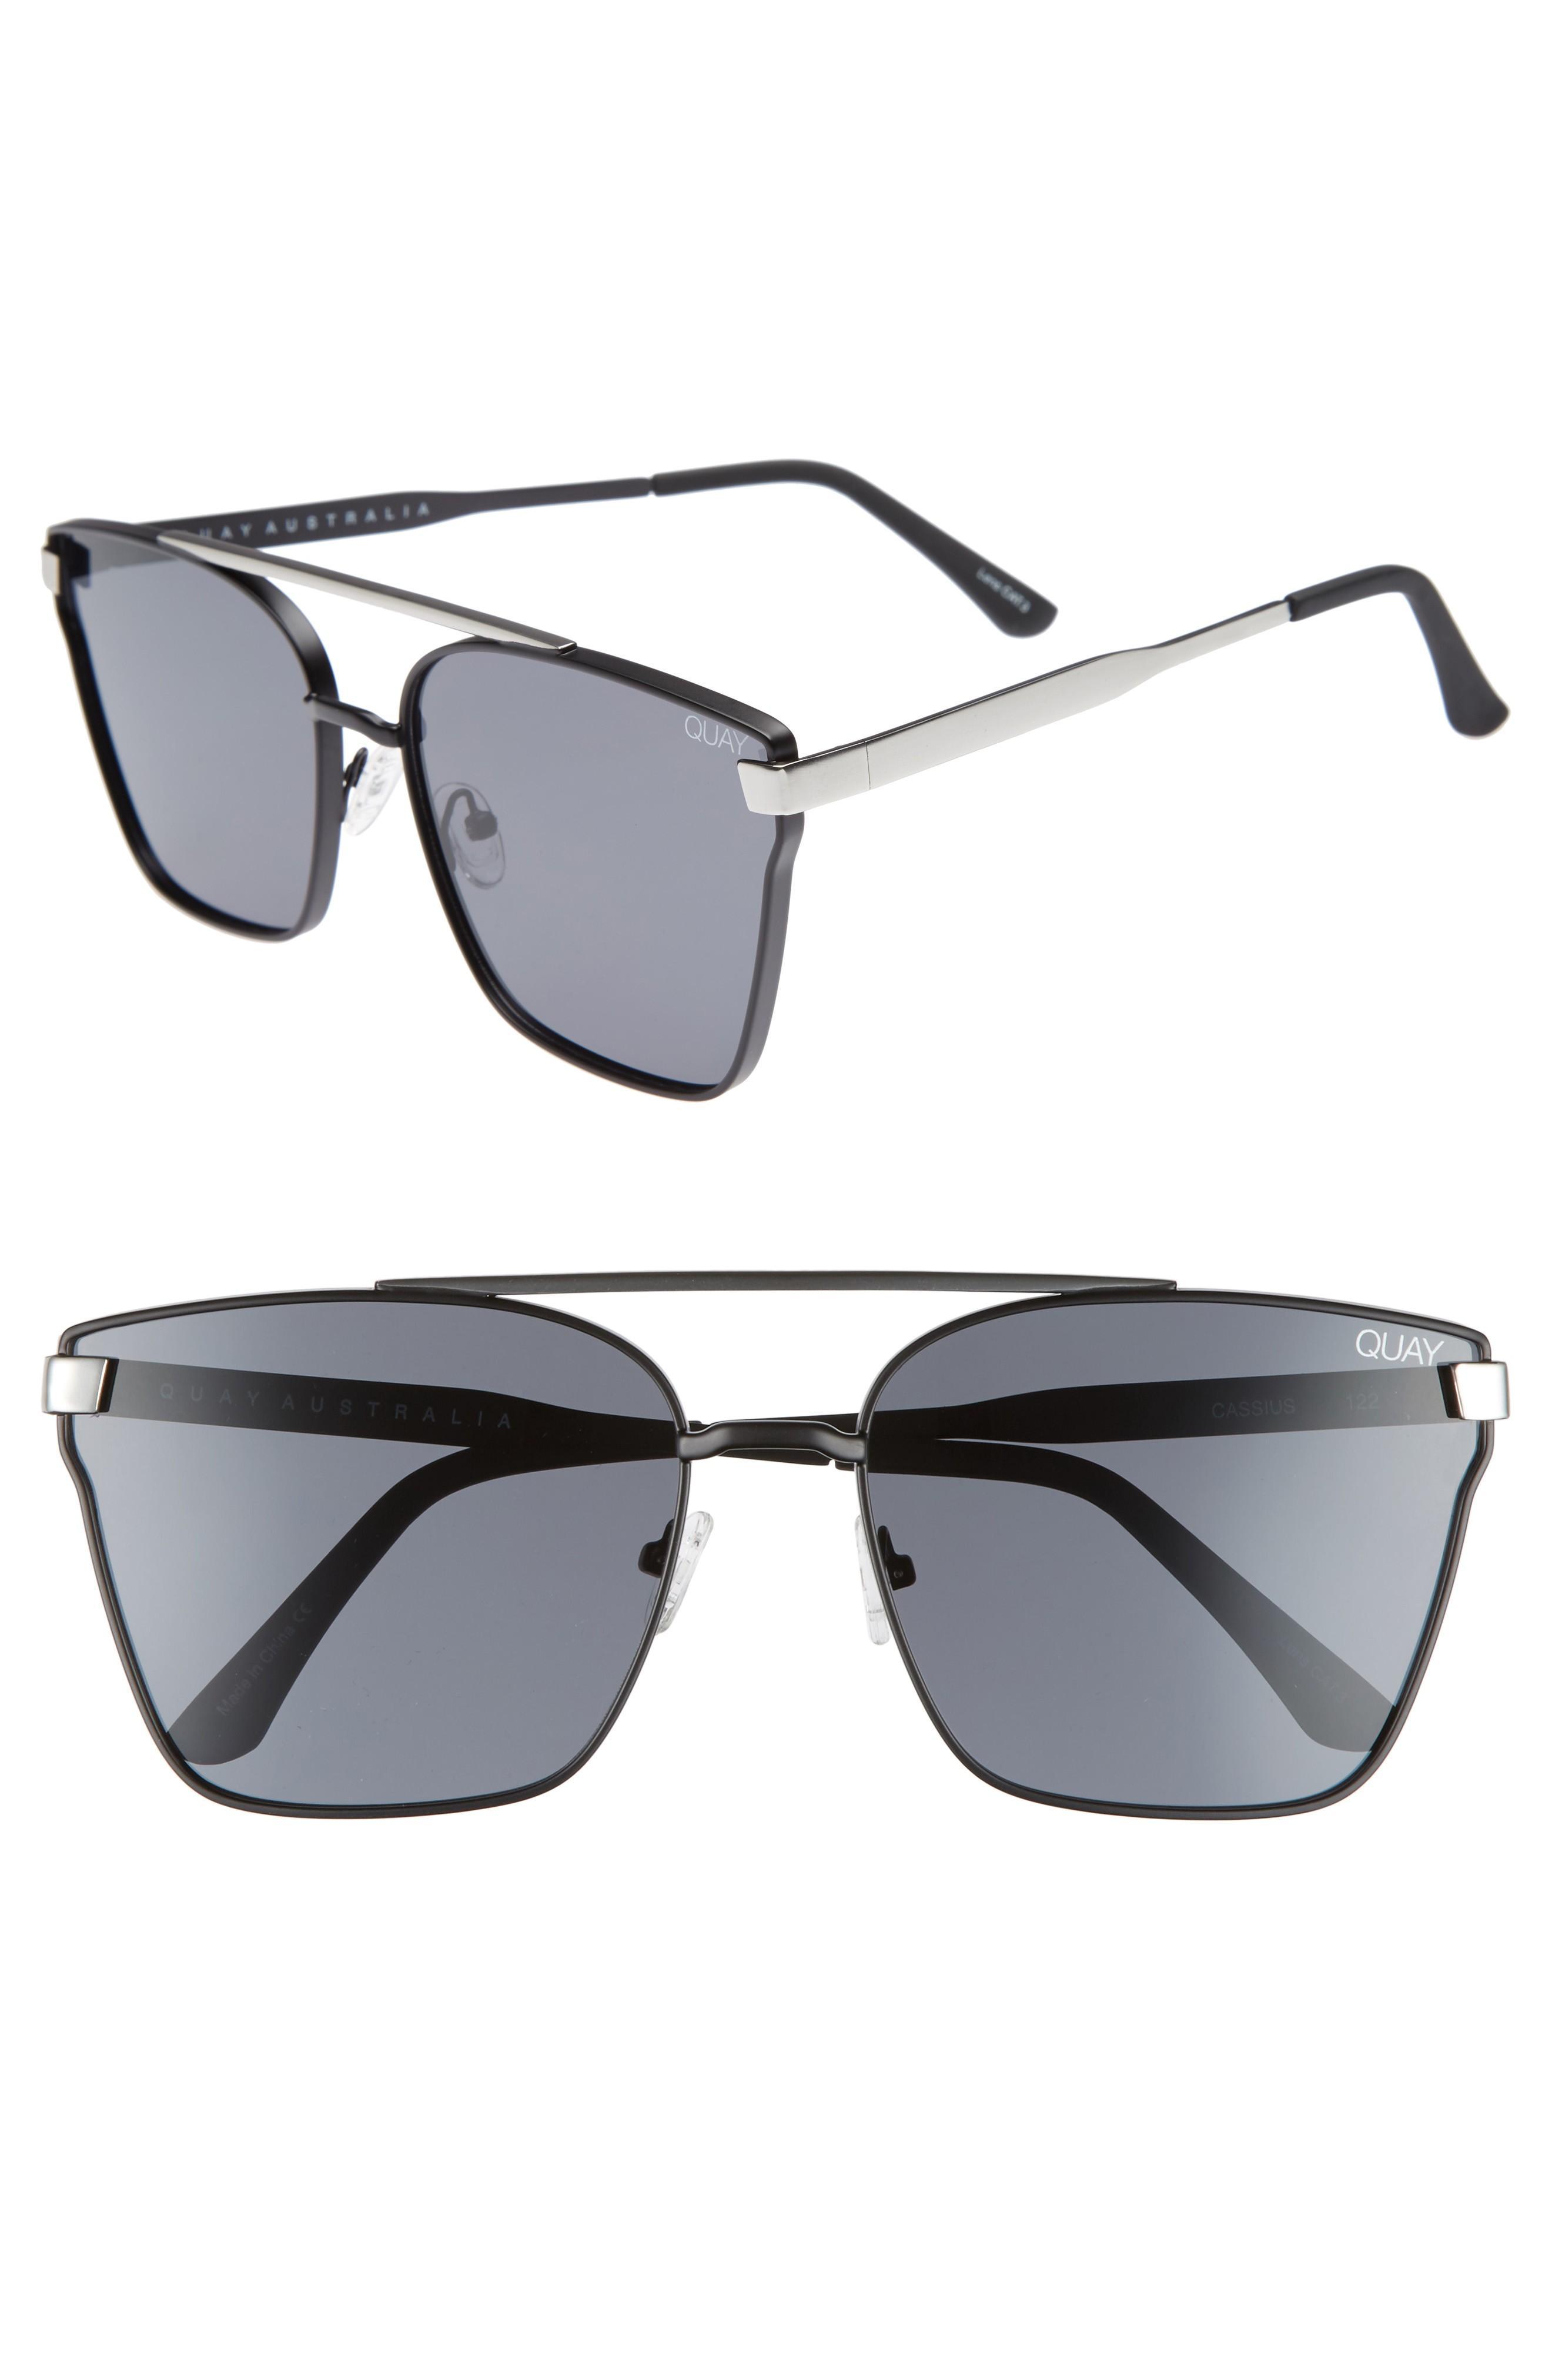 185ae9a637 Quay Cassius 59Mm Navigator Sunglasses - Black Smoke